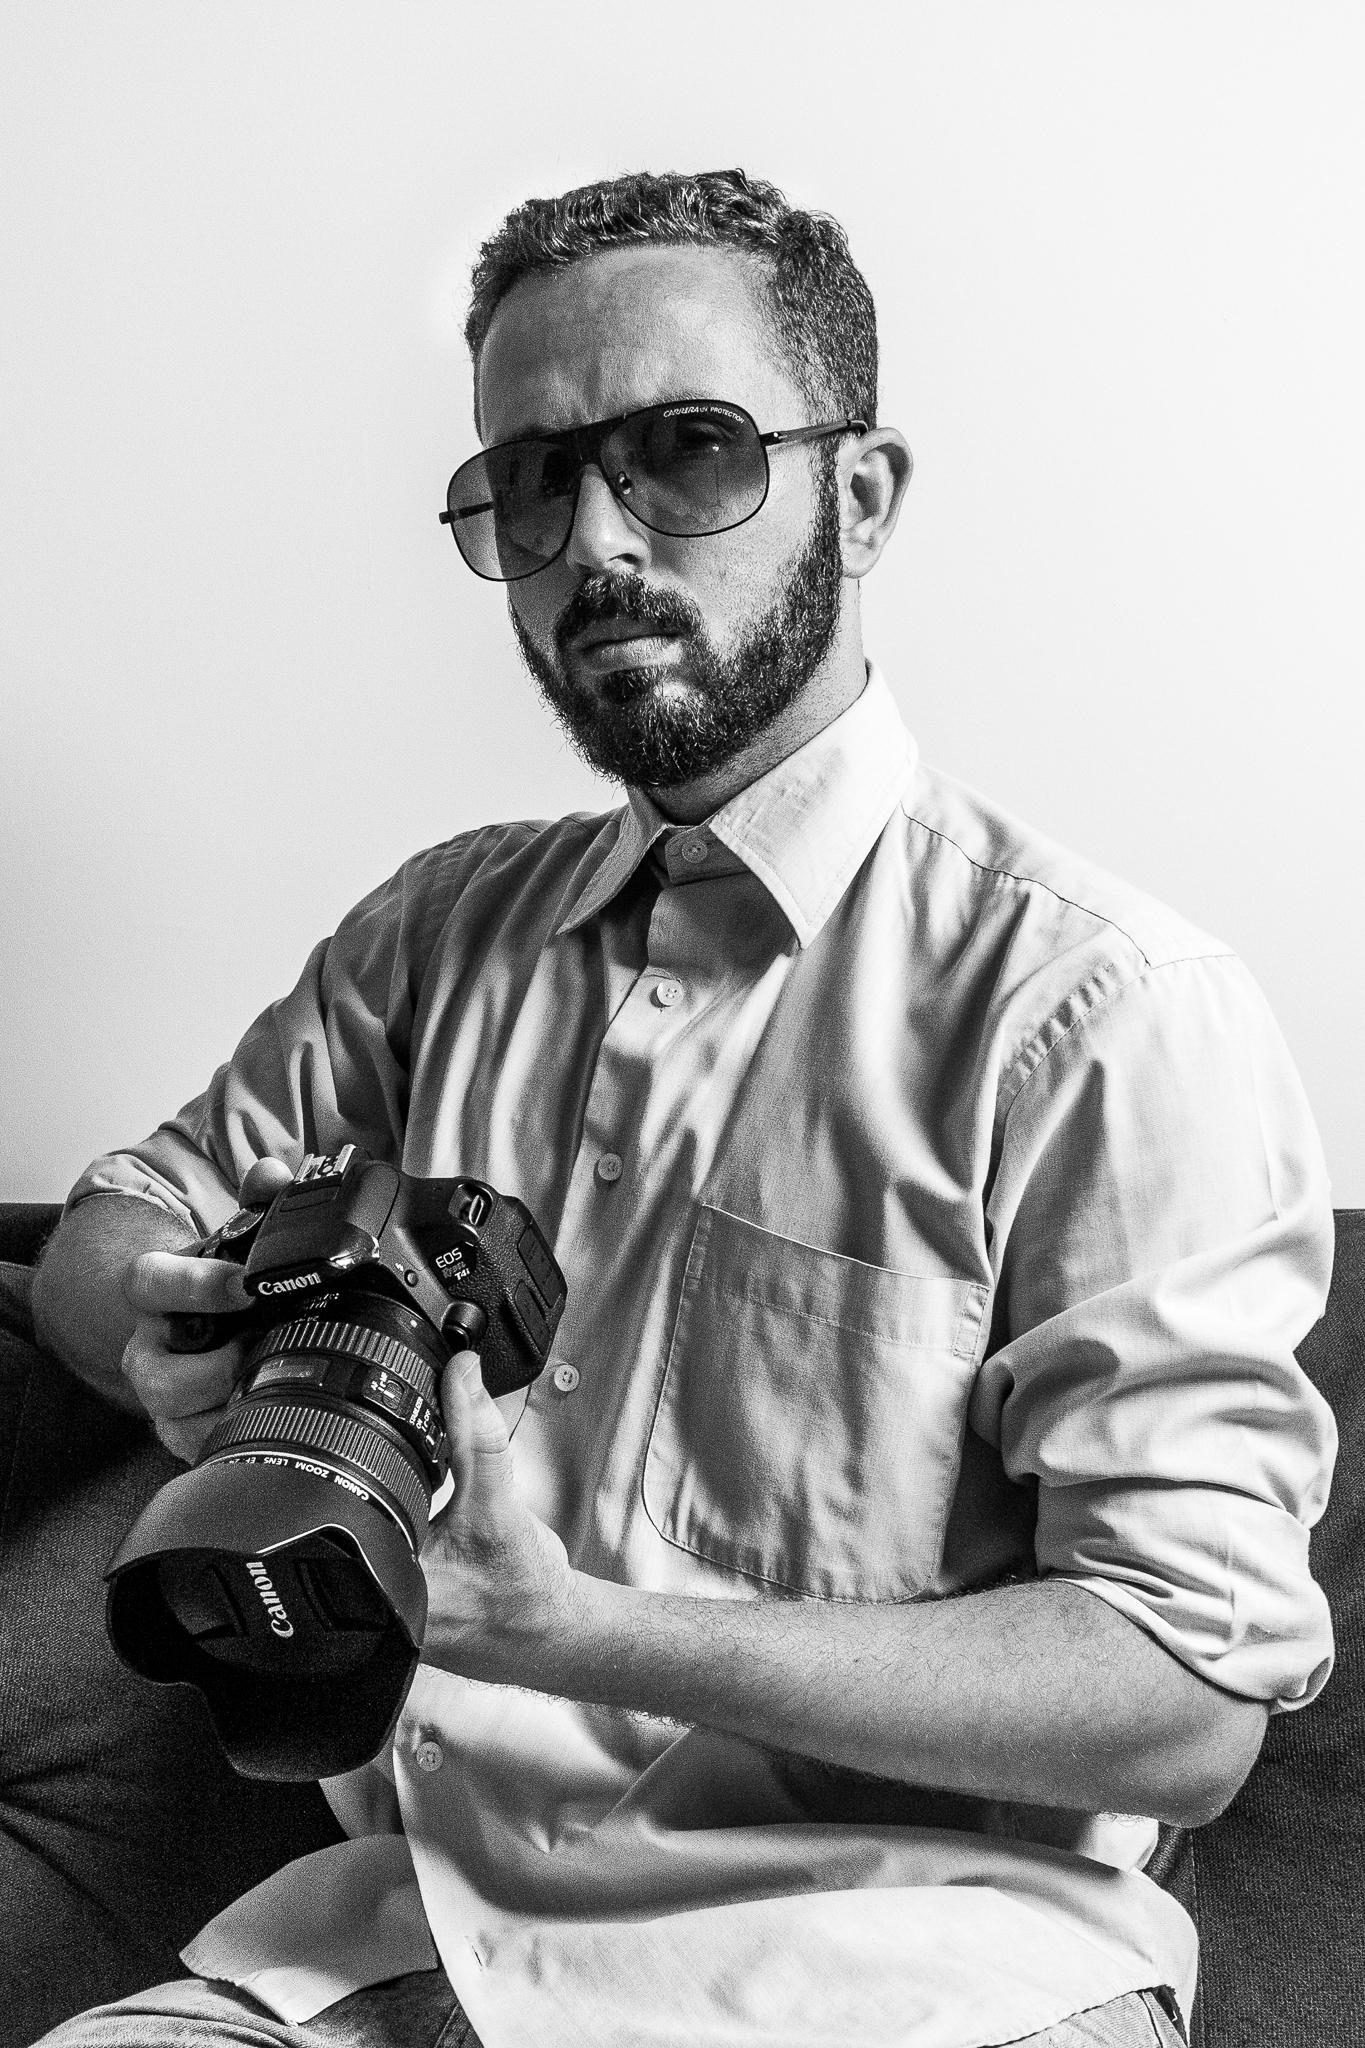 Sobre William Figsant - Fotógrafo de casamentos em Niterói, Rio de Janeiro e Região do Lagos - RJ